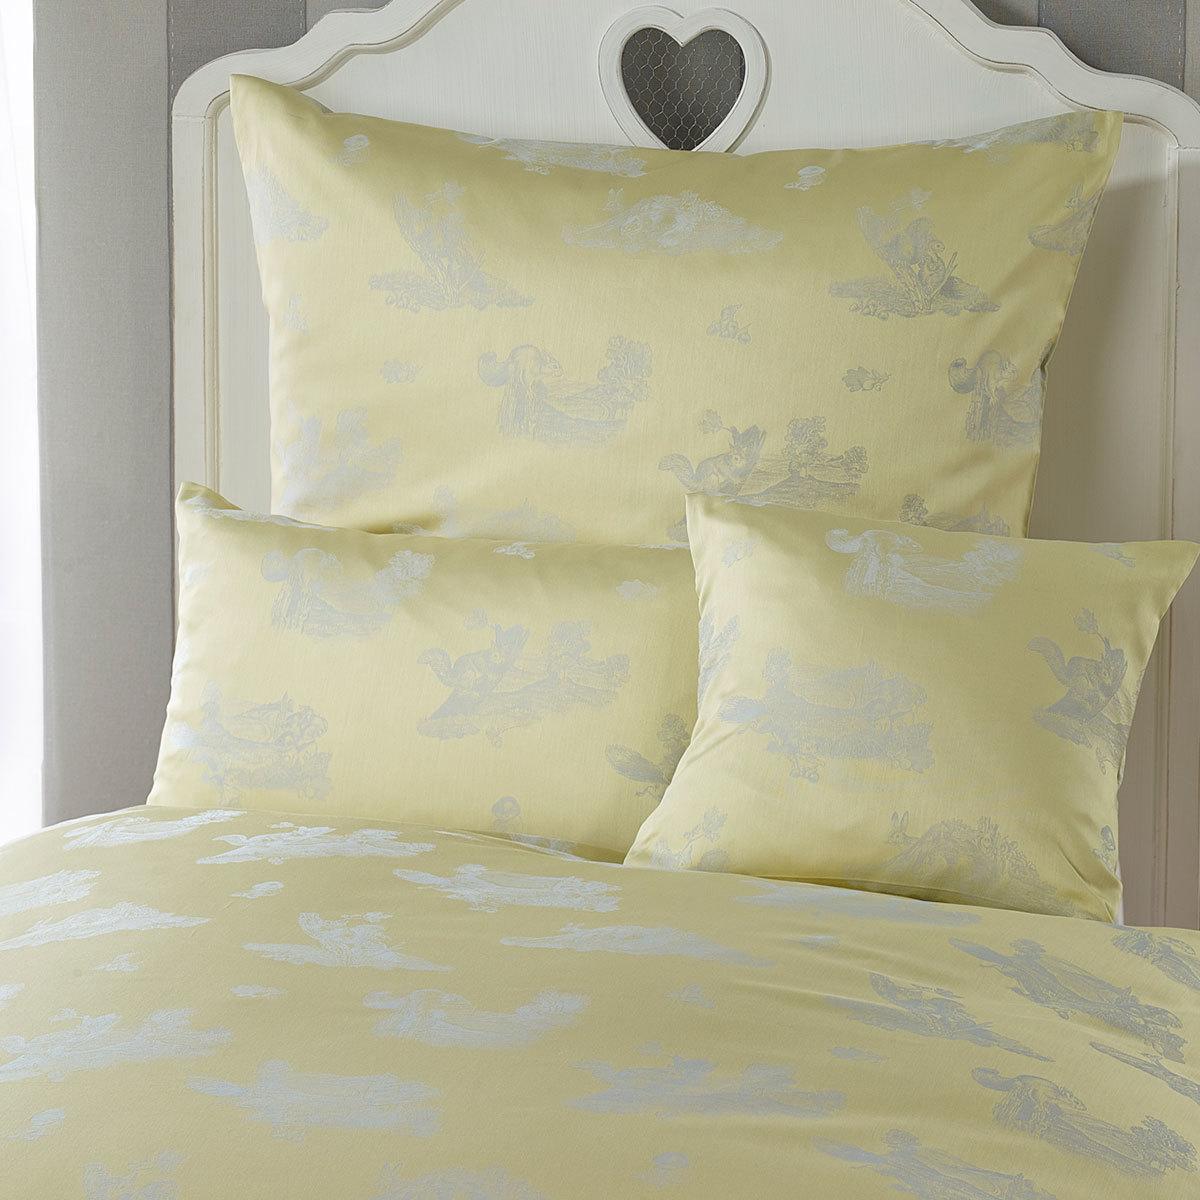 curt bauer mako brokat damast bettw sche waldfreunde gelb g nstig online kaufen bei bettwaren shop. Black Bedroom Furniture Sets. Home Design Ideas